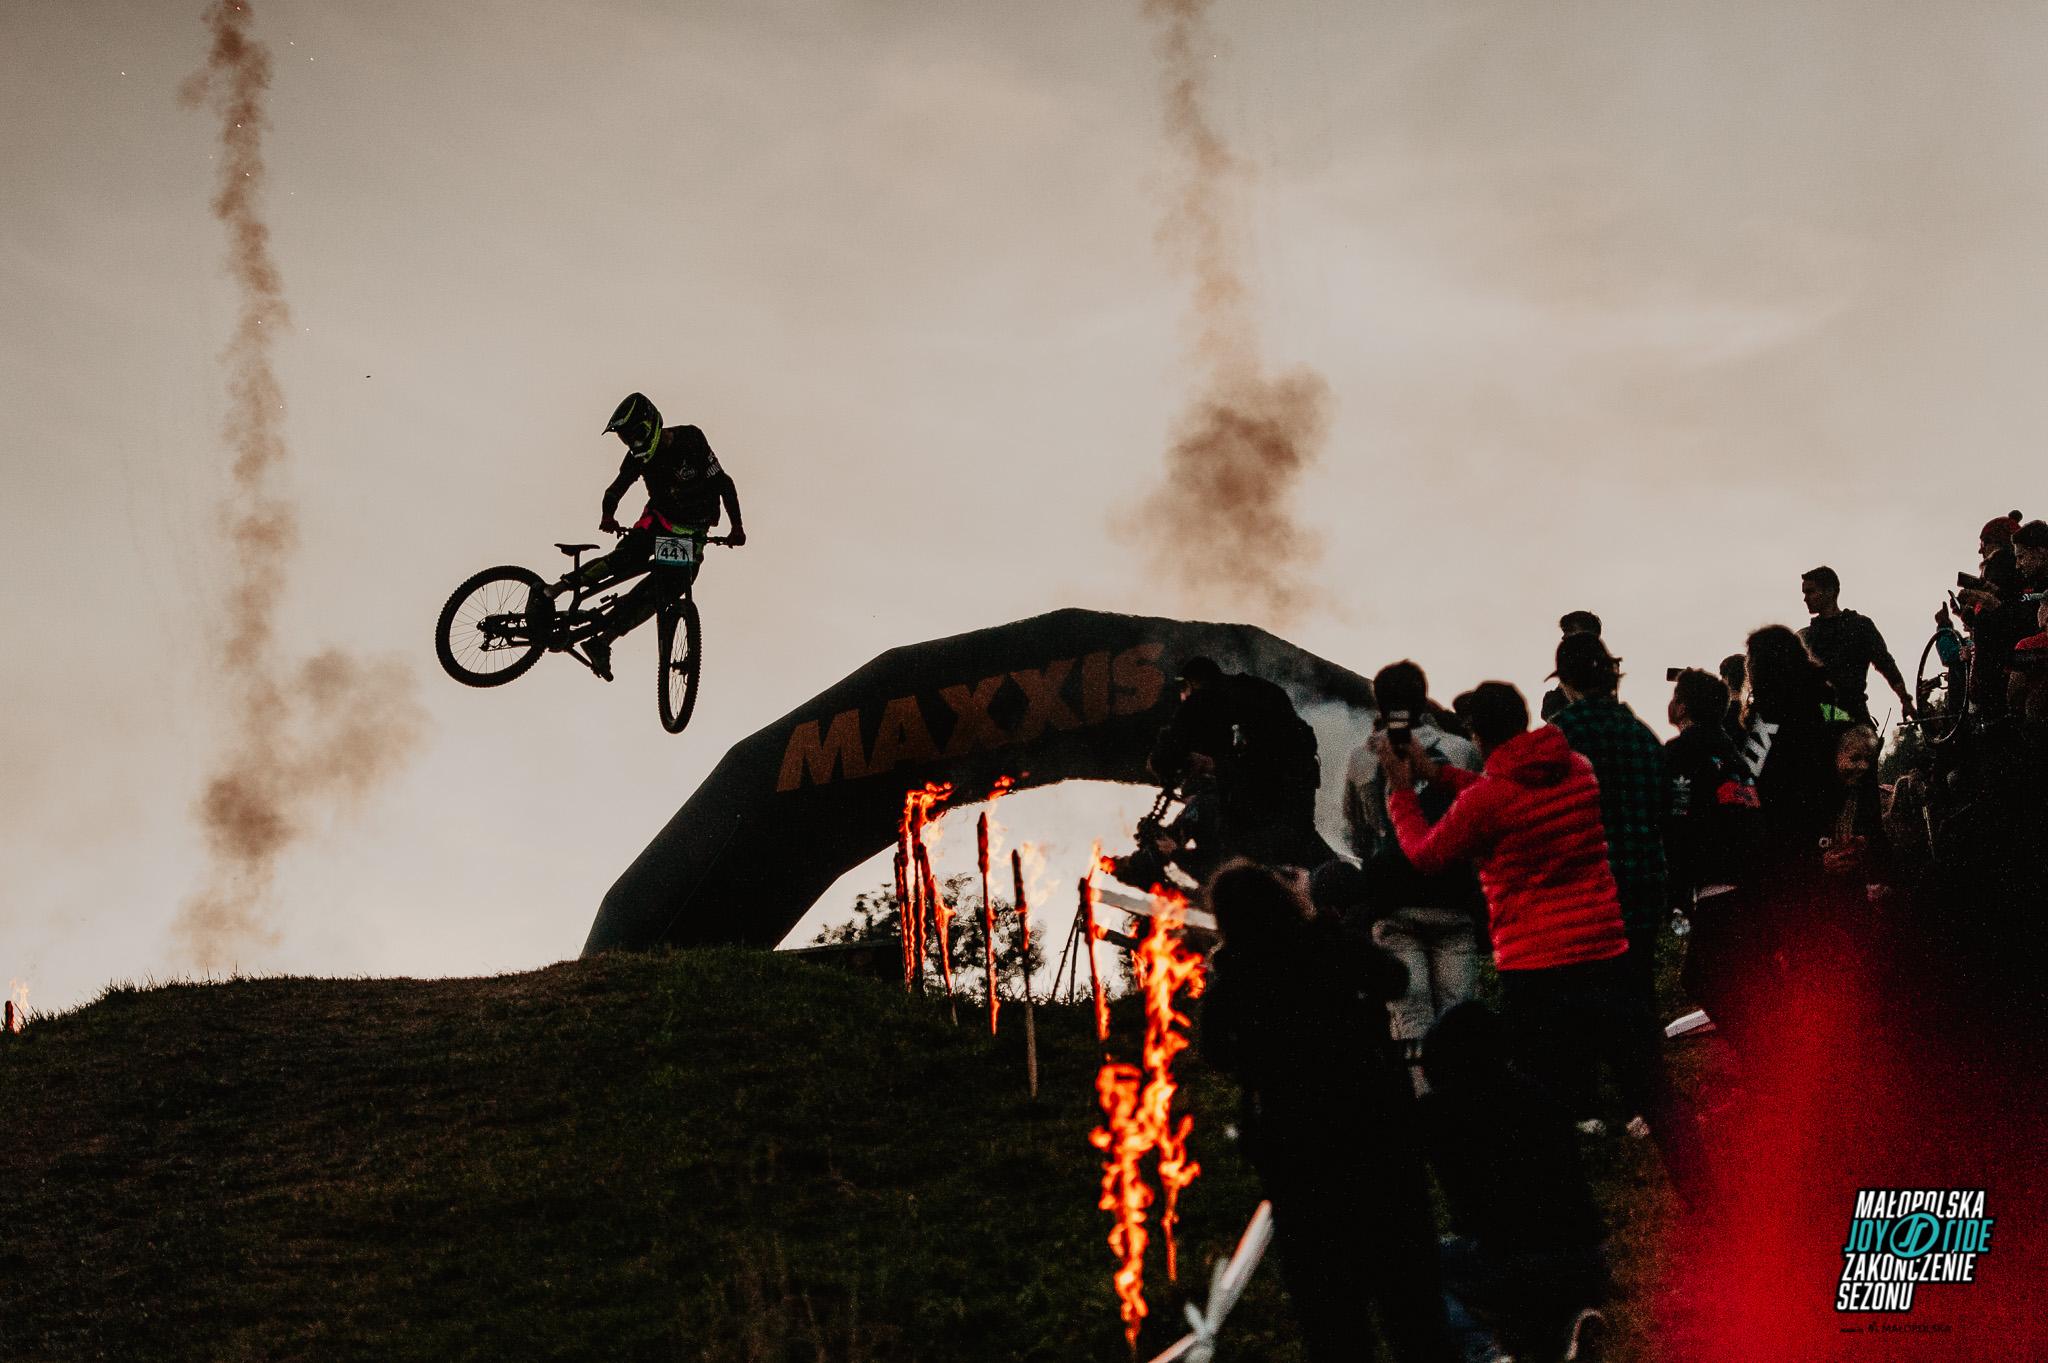 Wideozapowiedź – Małopolska Joy Ride Zakończenie Sezonu 2021